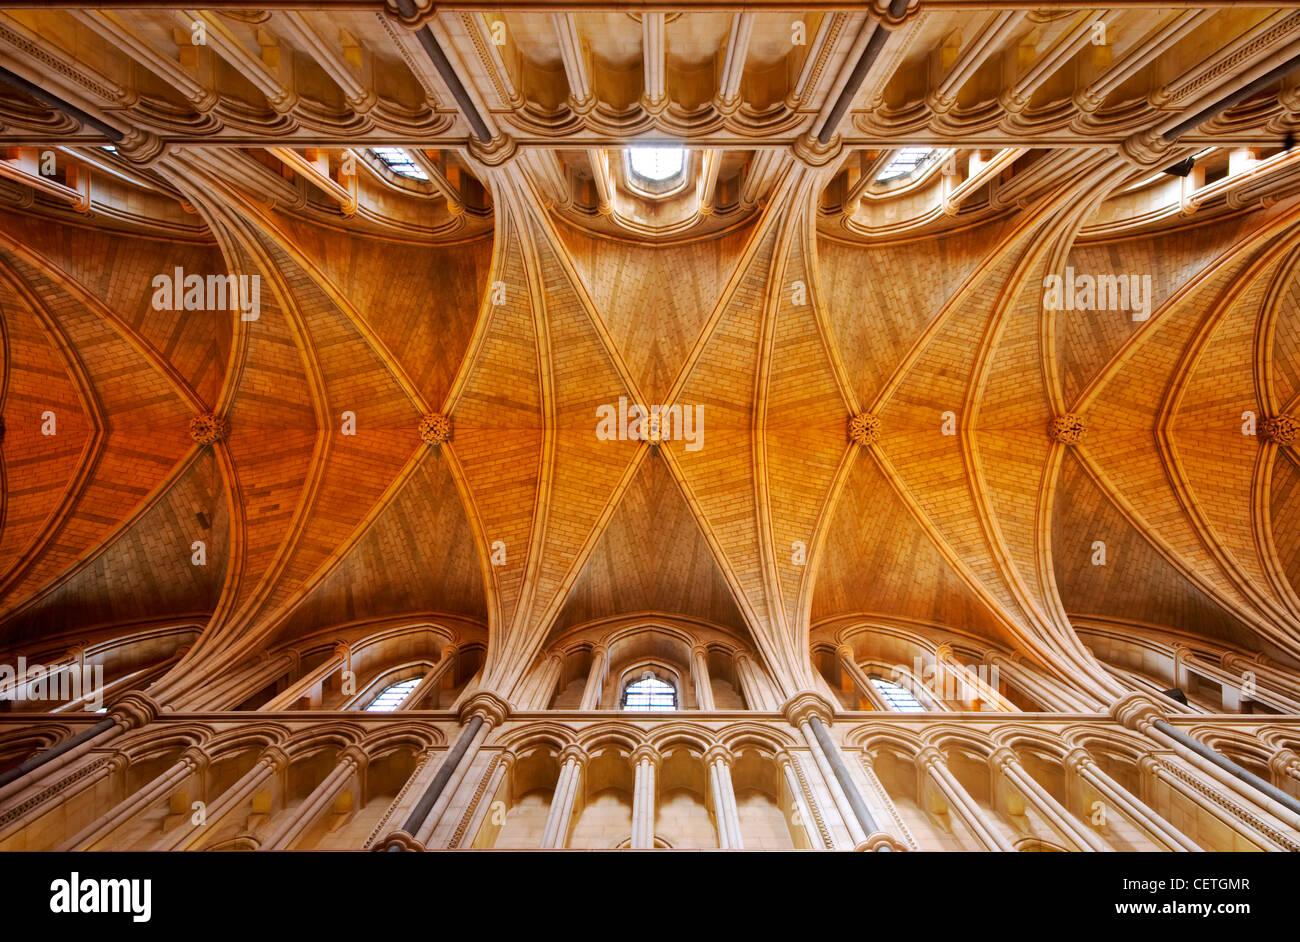 Le plafond de la cathédrale de Southwark. William Shakespeare est soupçonné d'avoir été Photo Stock